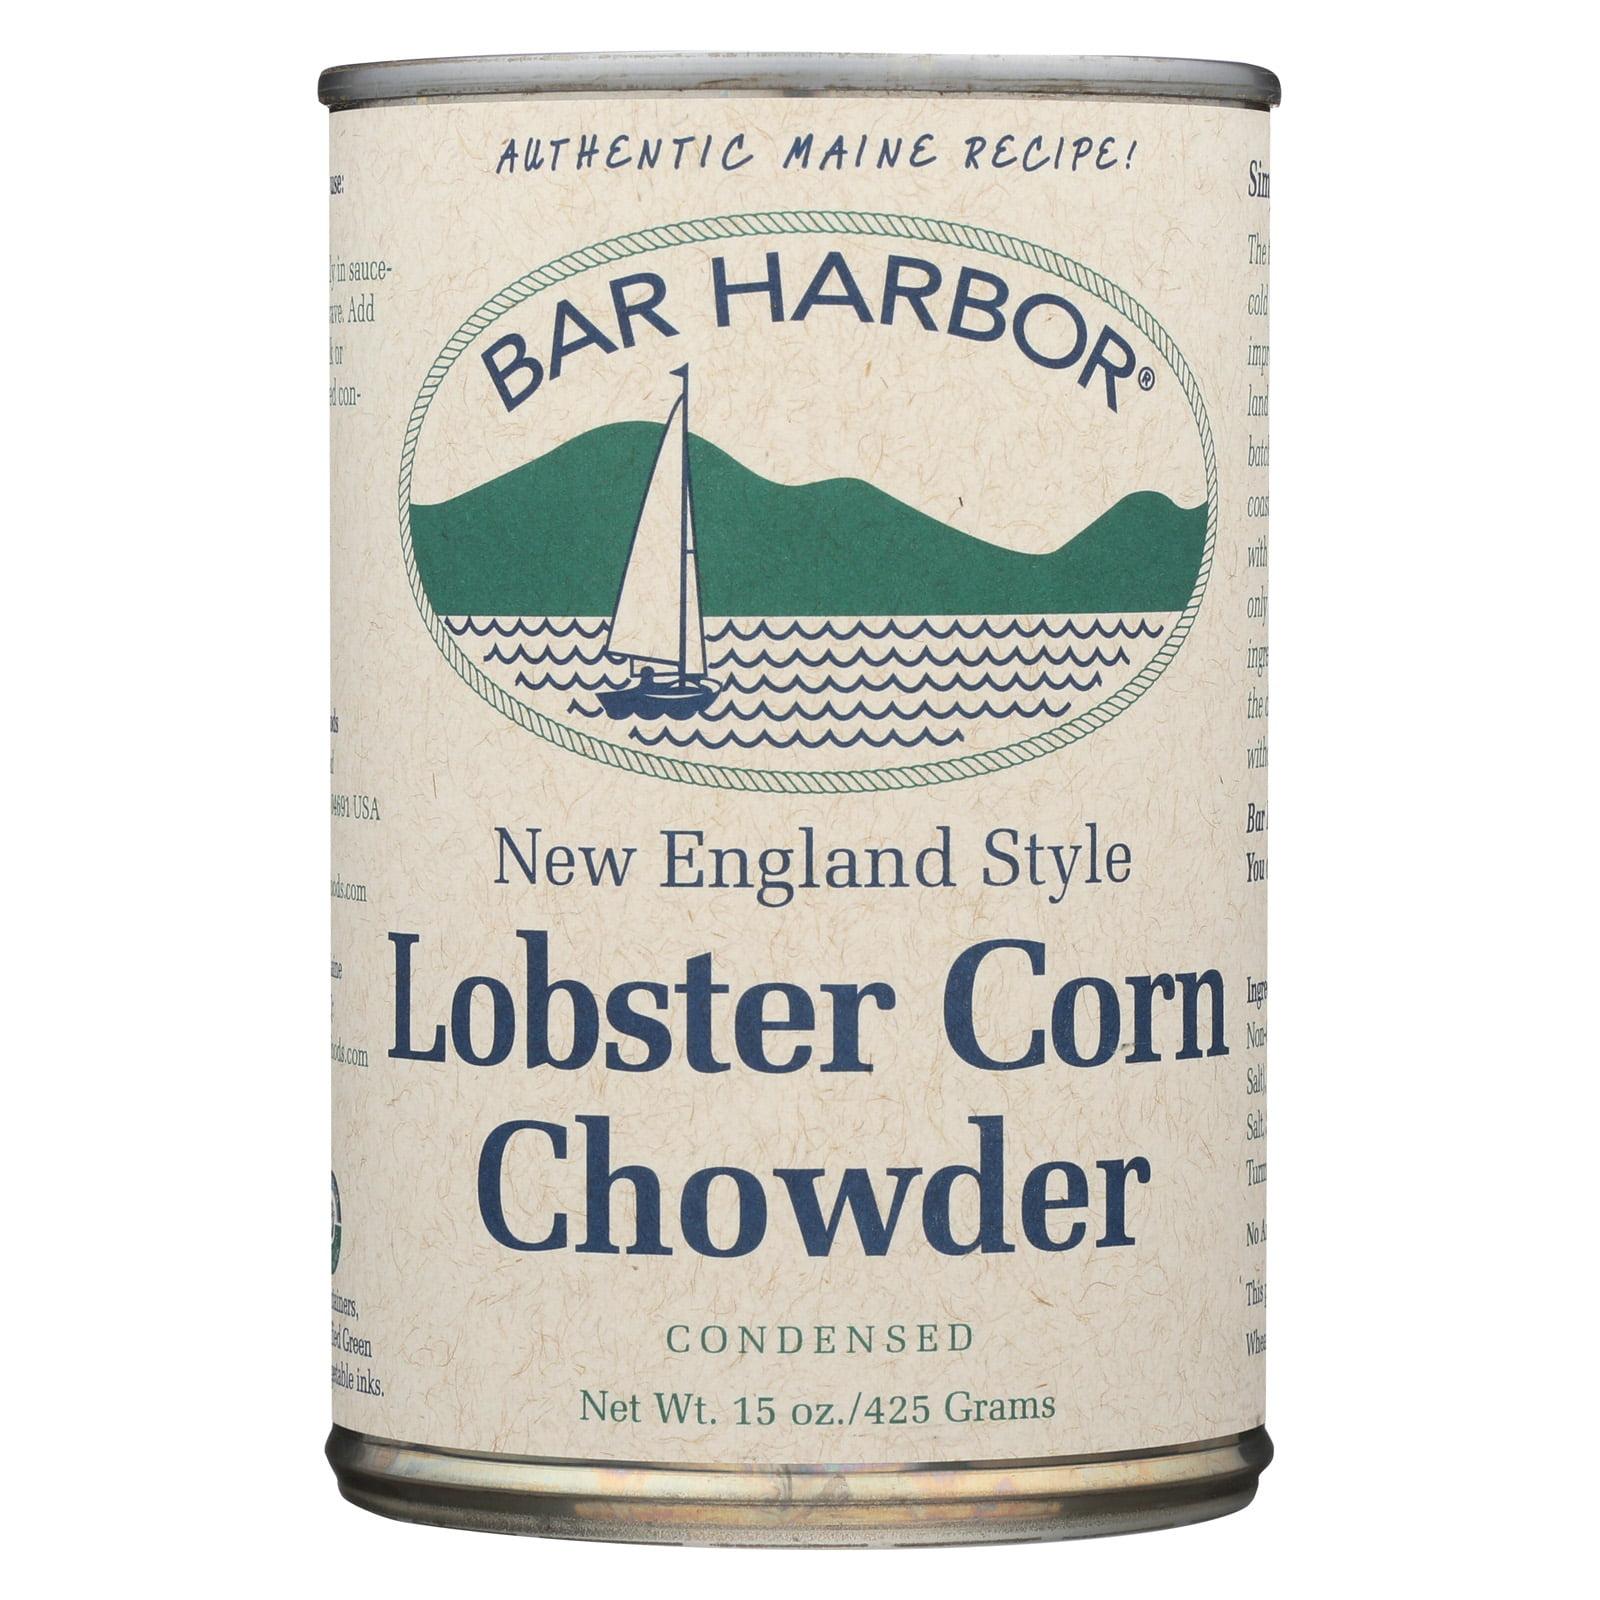 Bar Harbor Lobster Corn Chowder Case of 6 15 oz. by